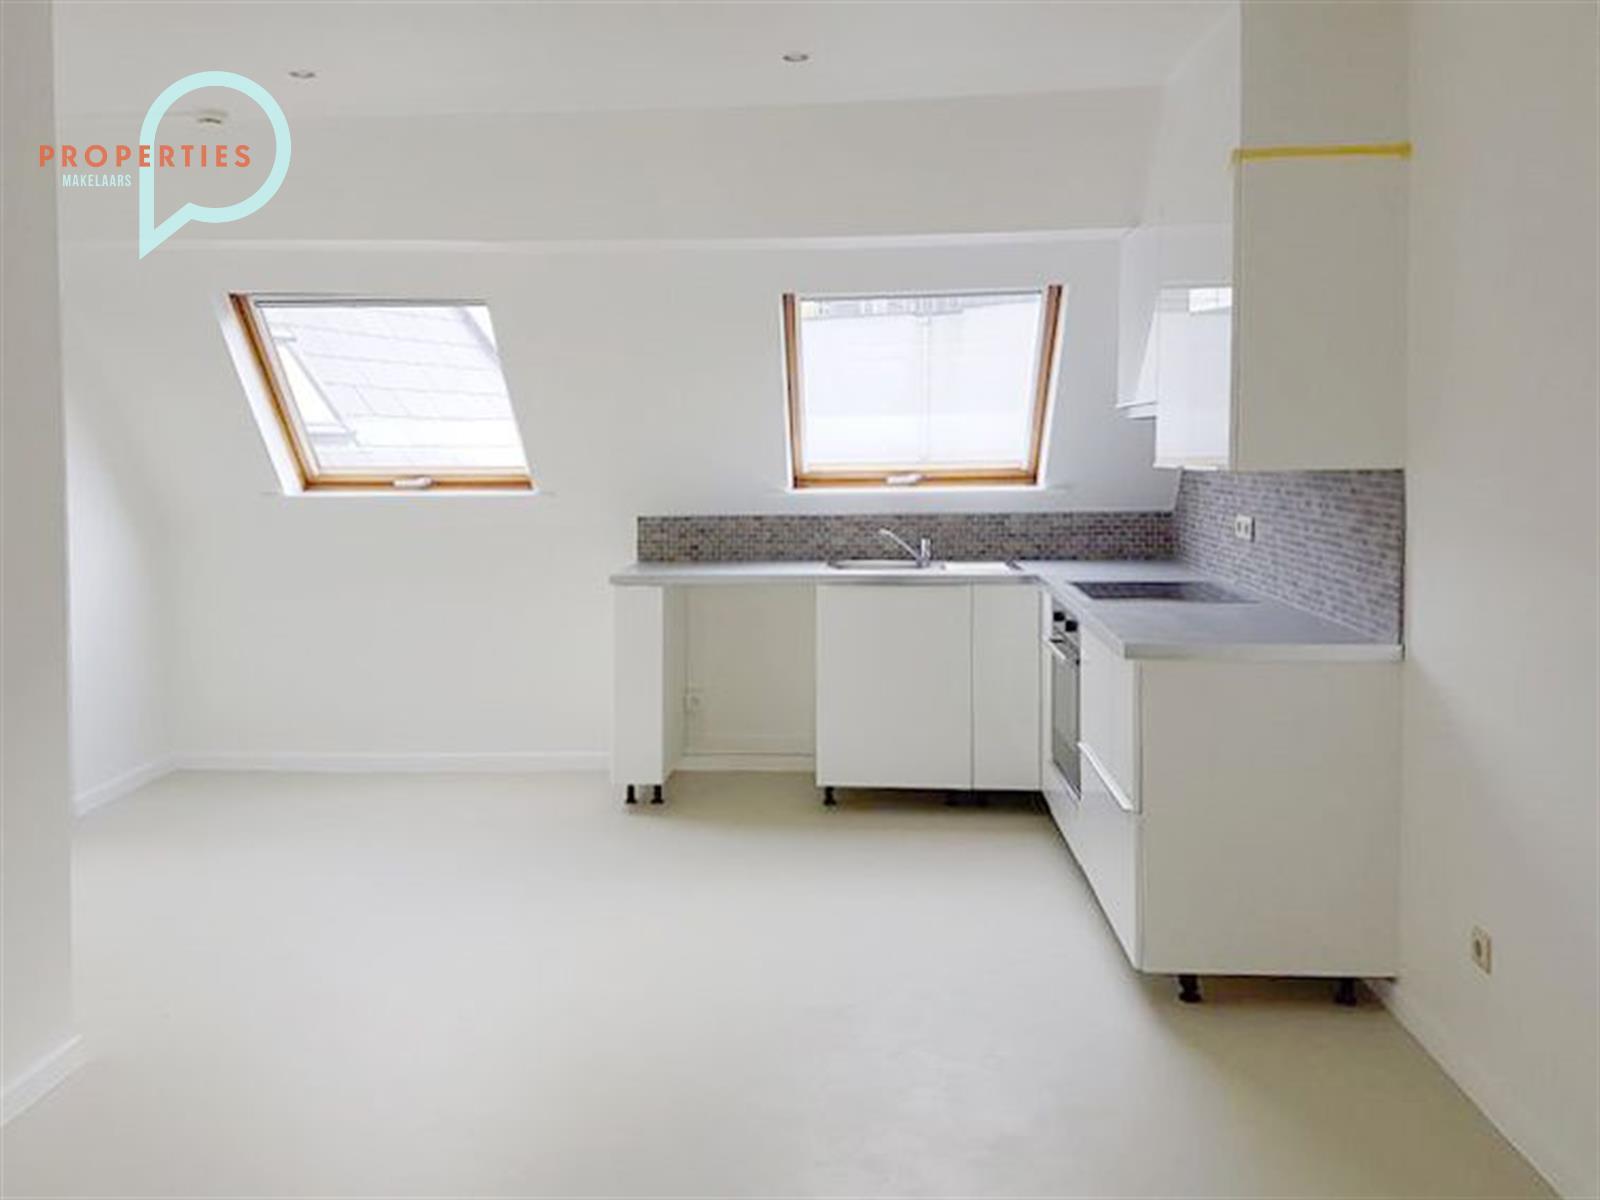 Volledig vernieuwd 1 slaapkamer appartement te Aalst